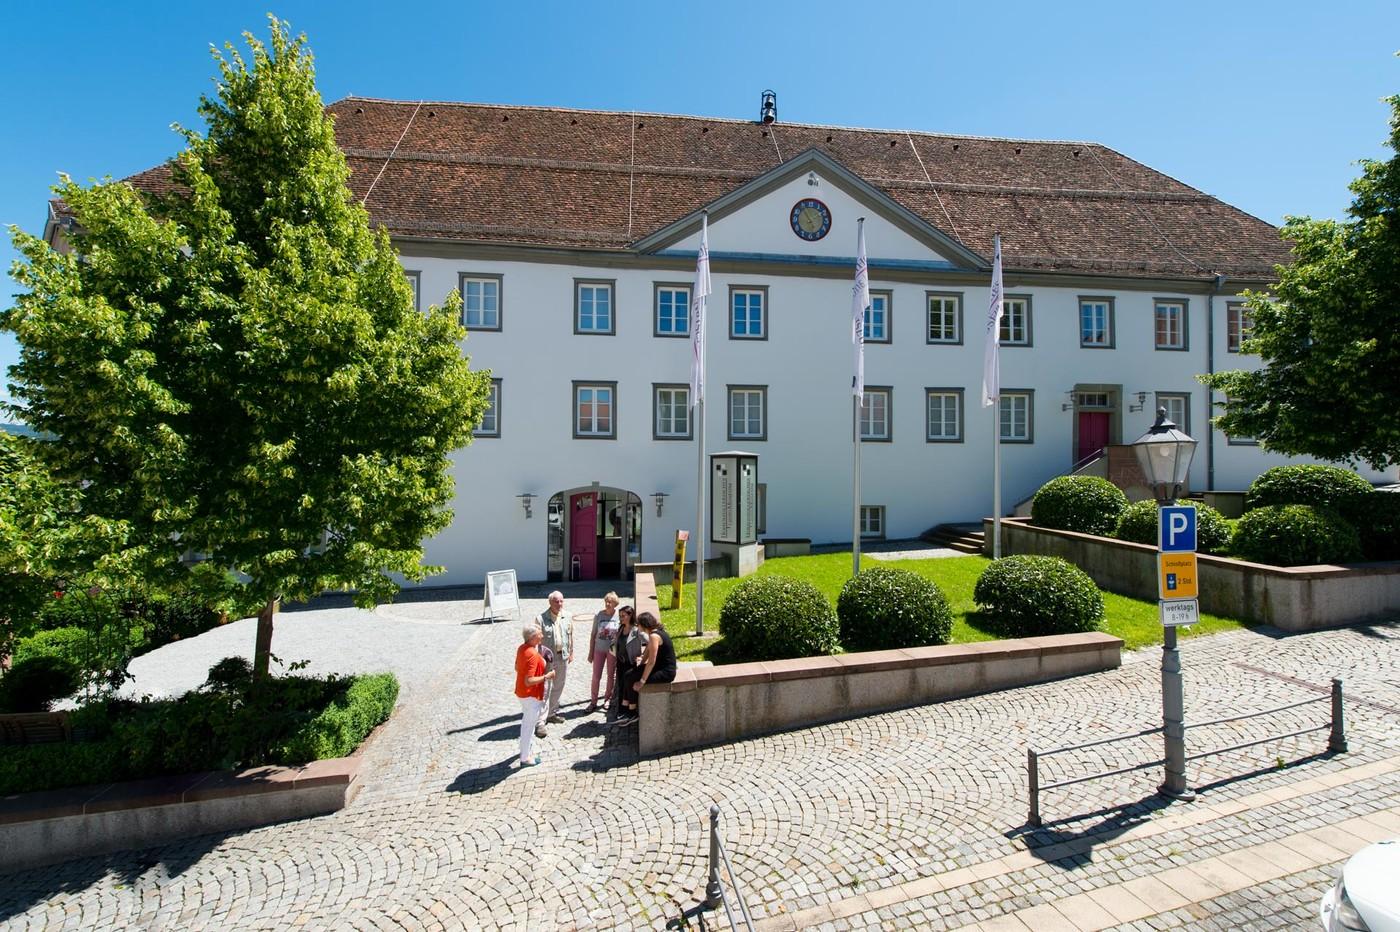 Hohenzollerisches Landesmuseum im Alten Schloss Hechingen